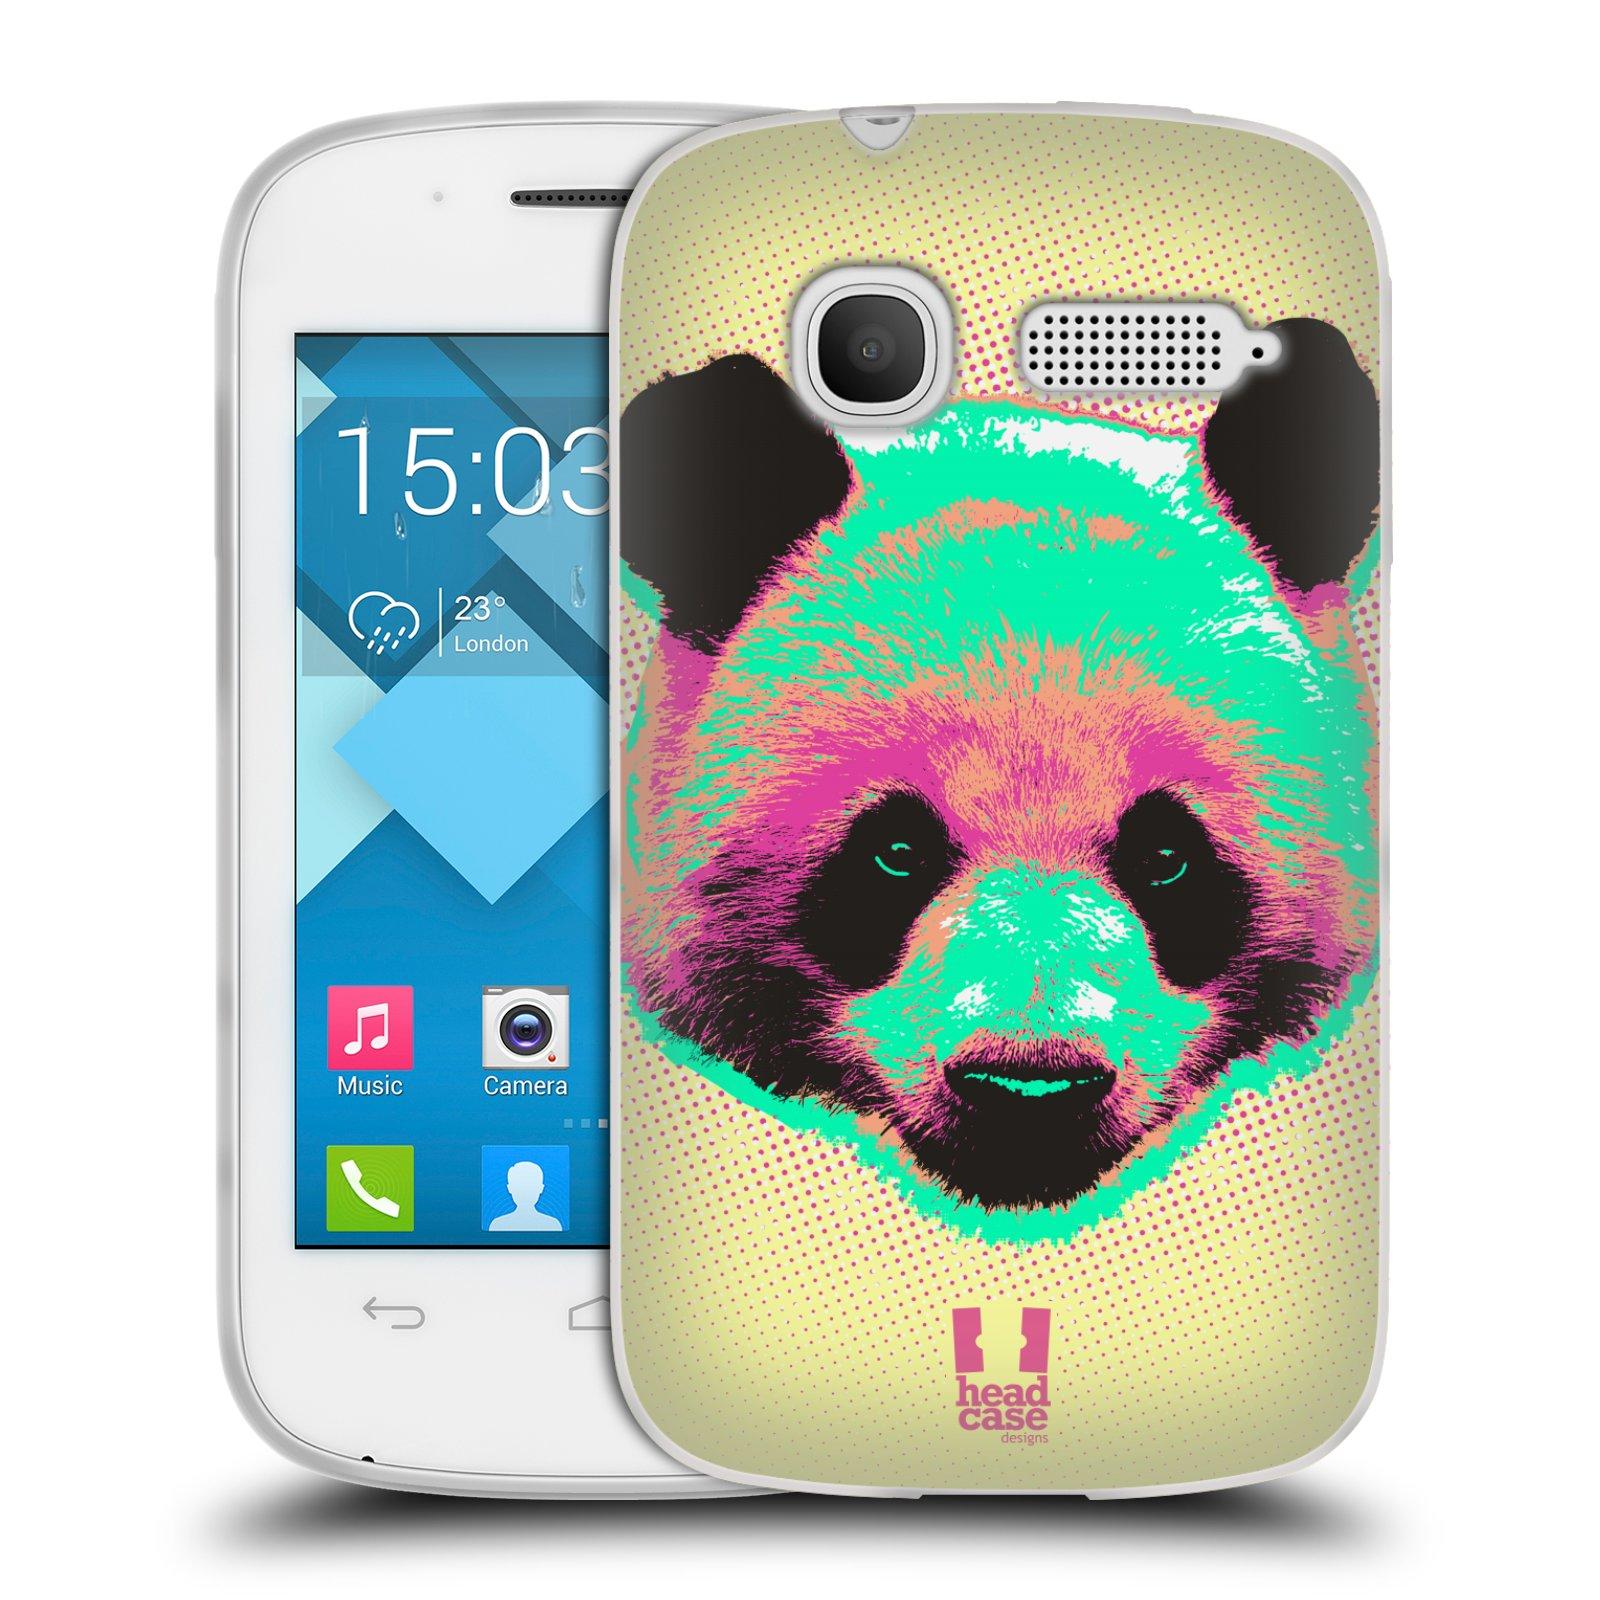 Silikonové pouzdro na mobil Alcatel One Touch Pop C1 HEAD CASE POP PRINT PANDA (Silikonový kryt či obal na mobilní telefon Alcatel OT-4015D POP C1)